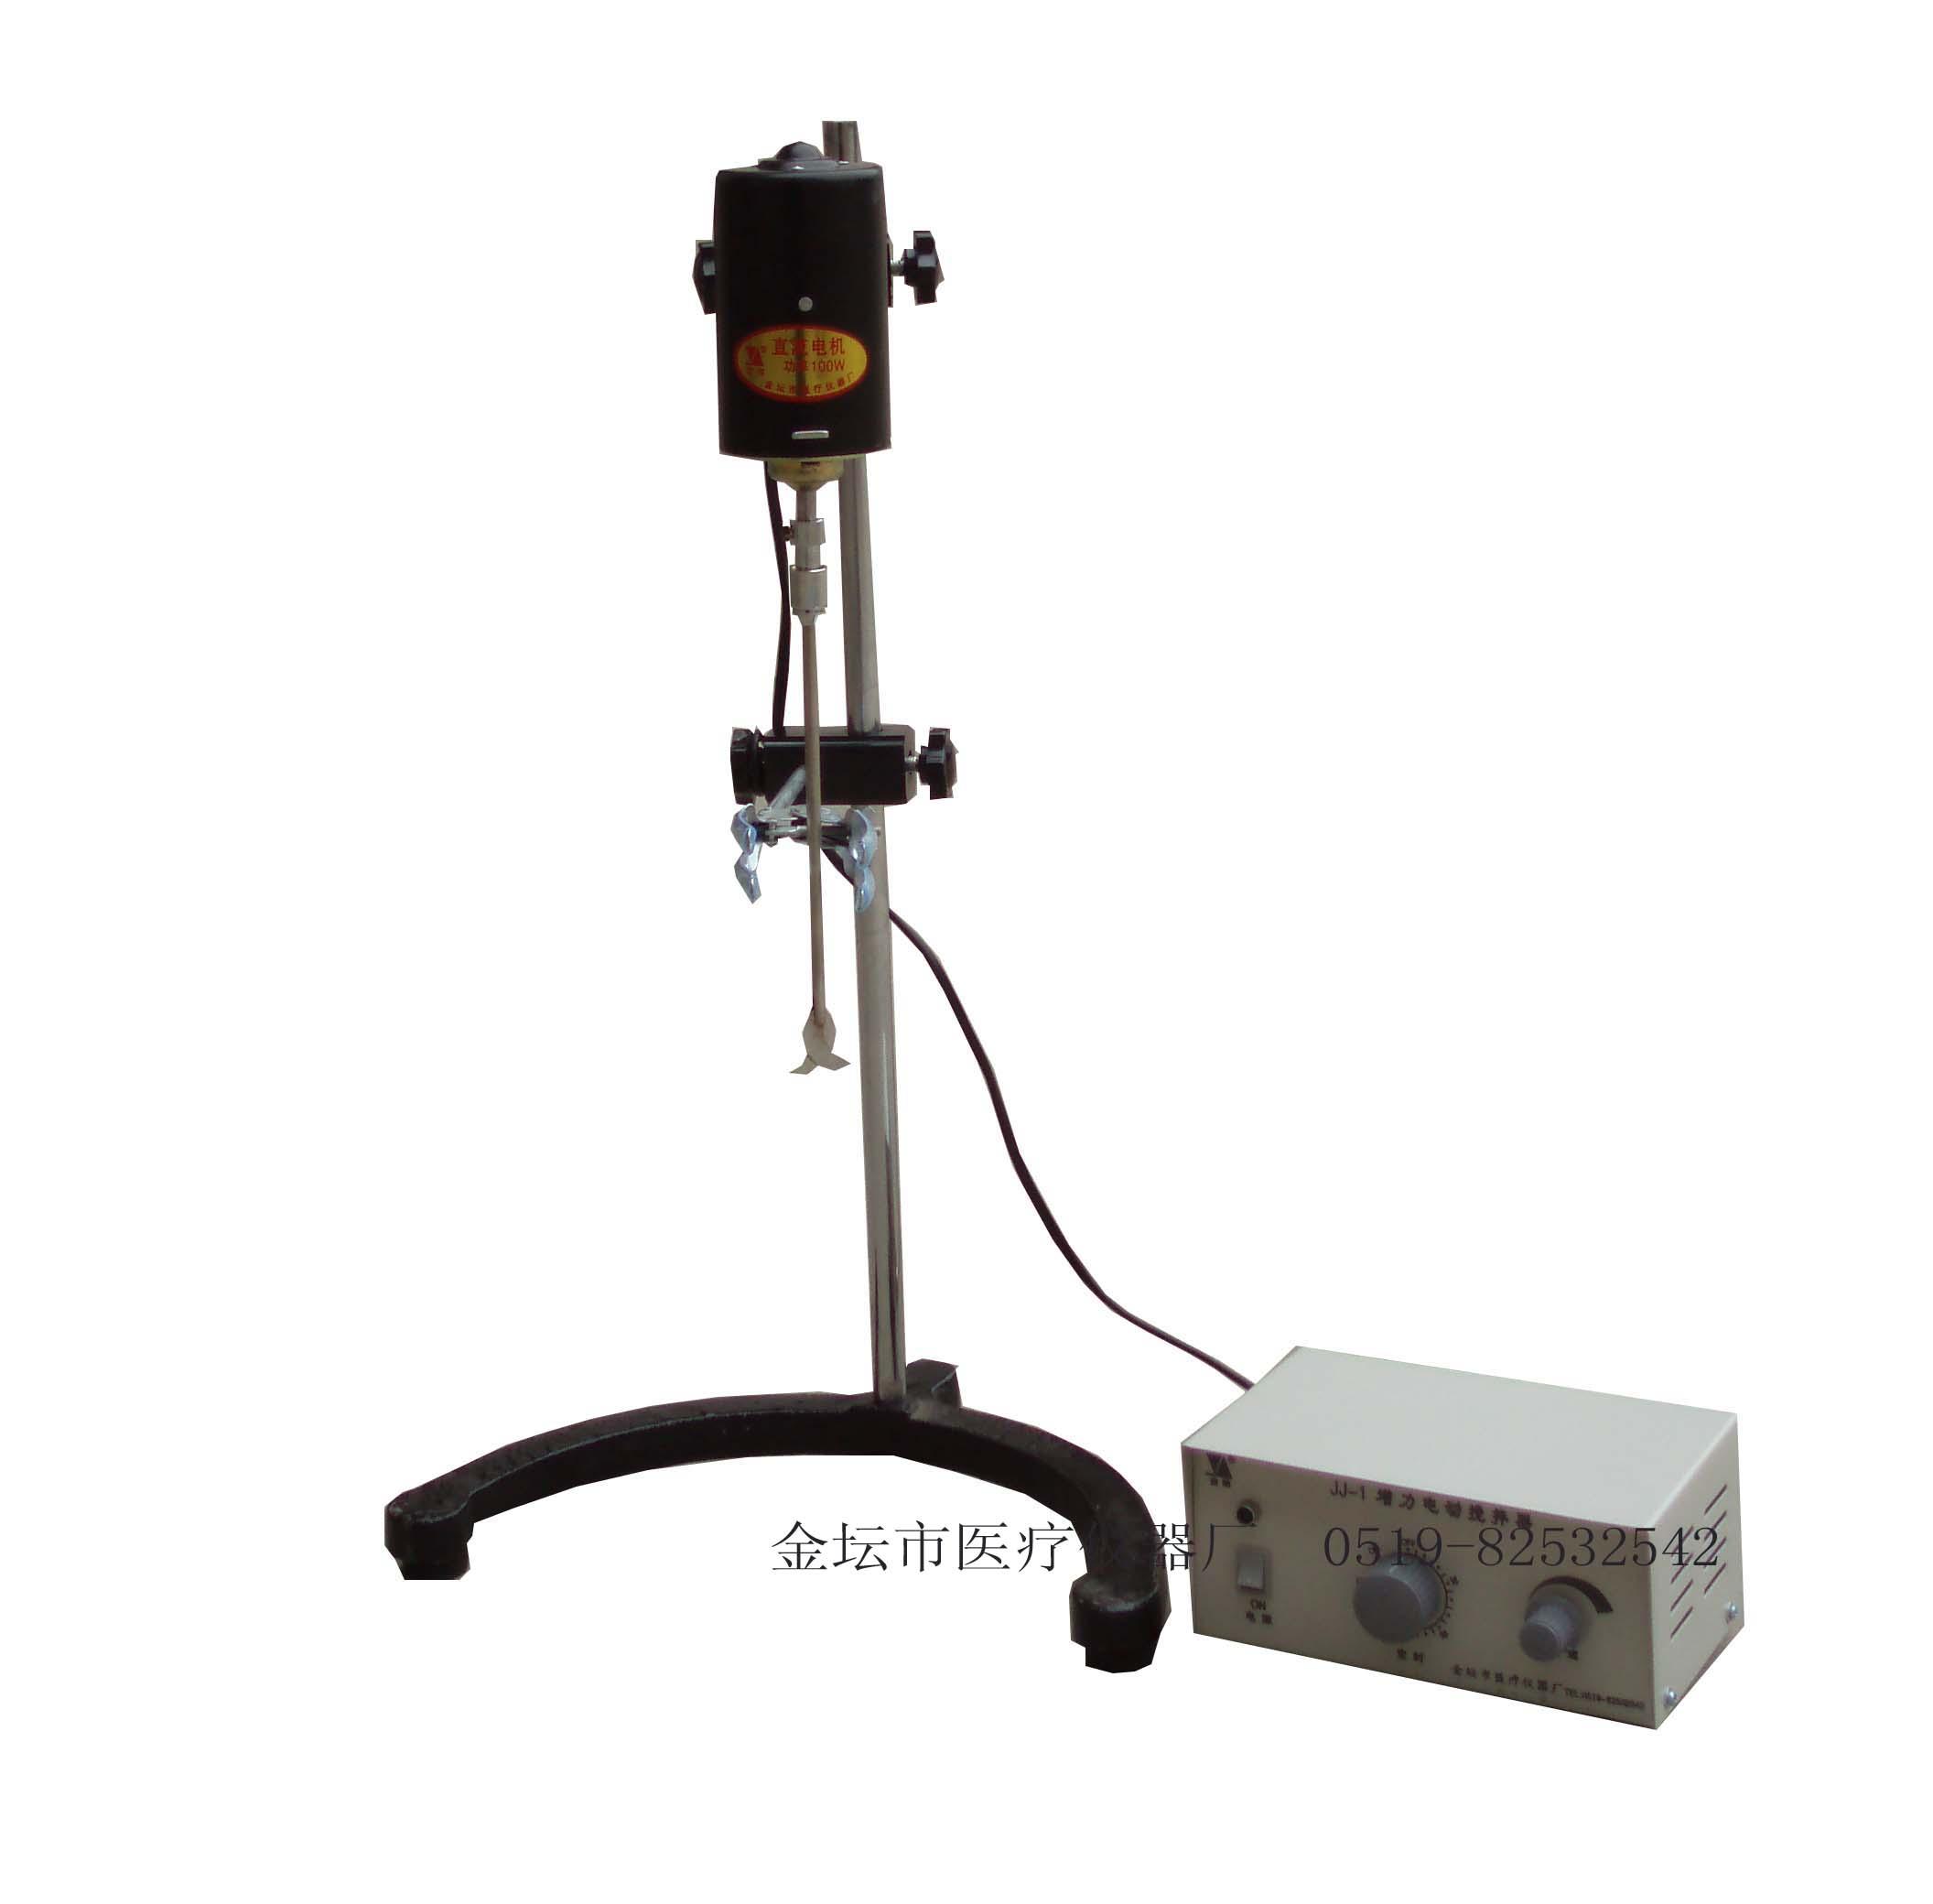 江苏金坛JJ-1 80W增力电动搅拌器